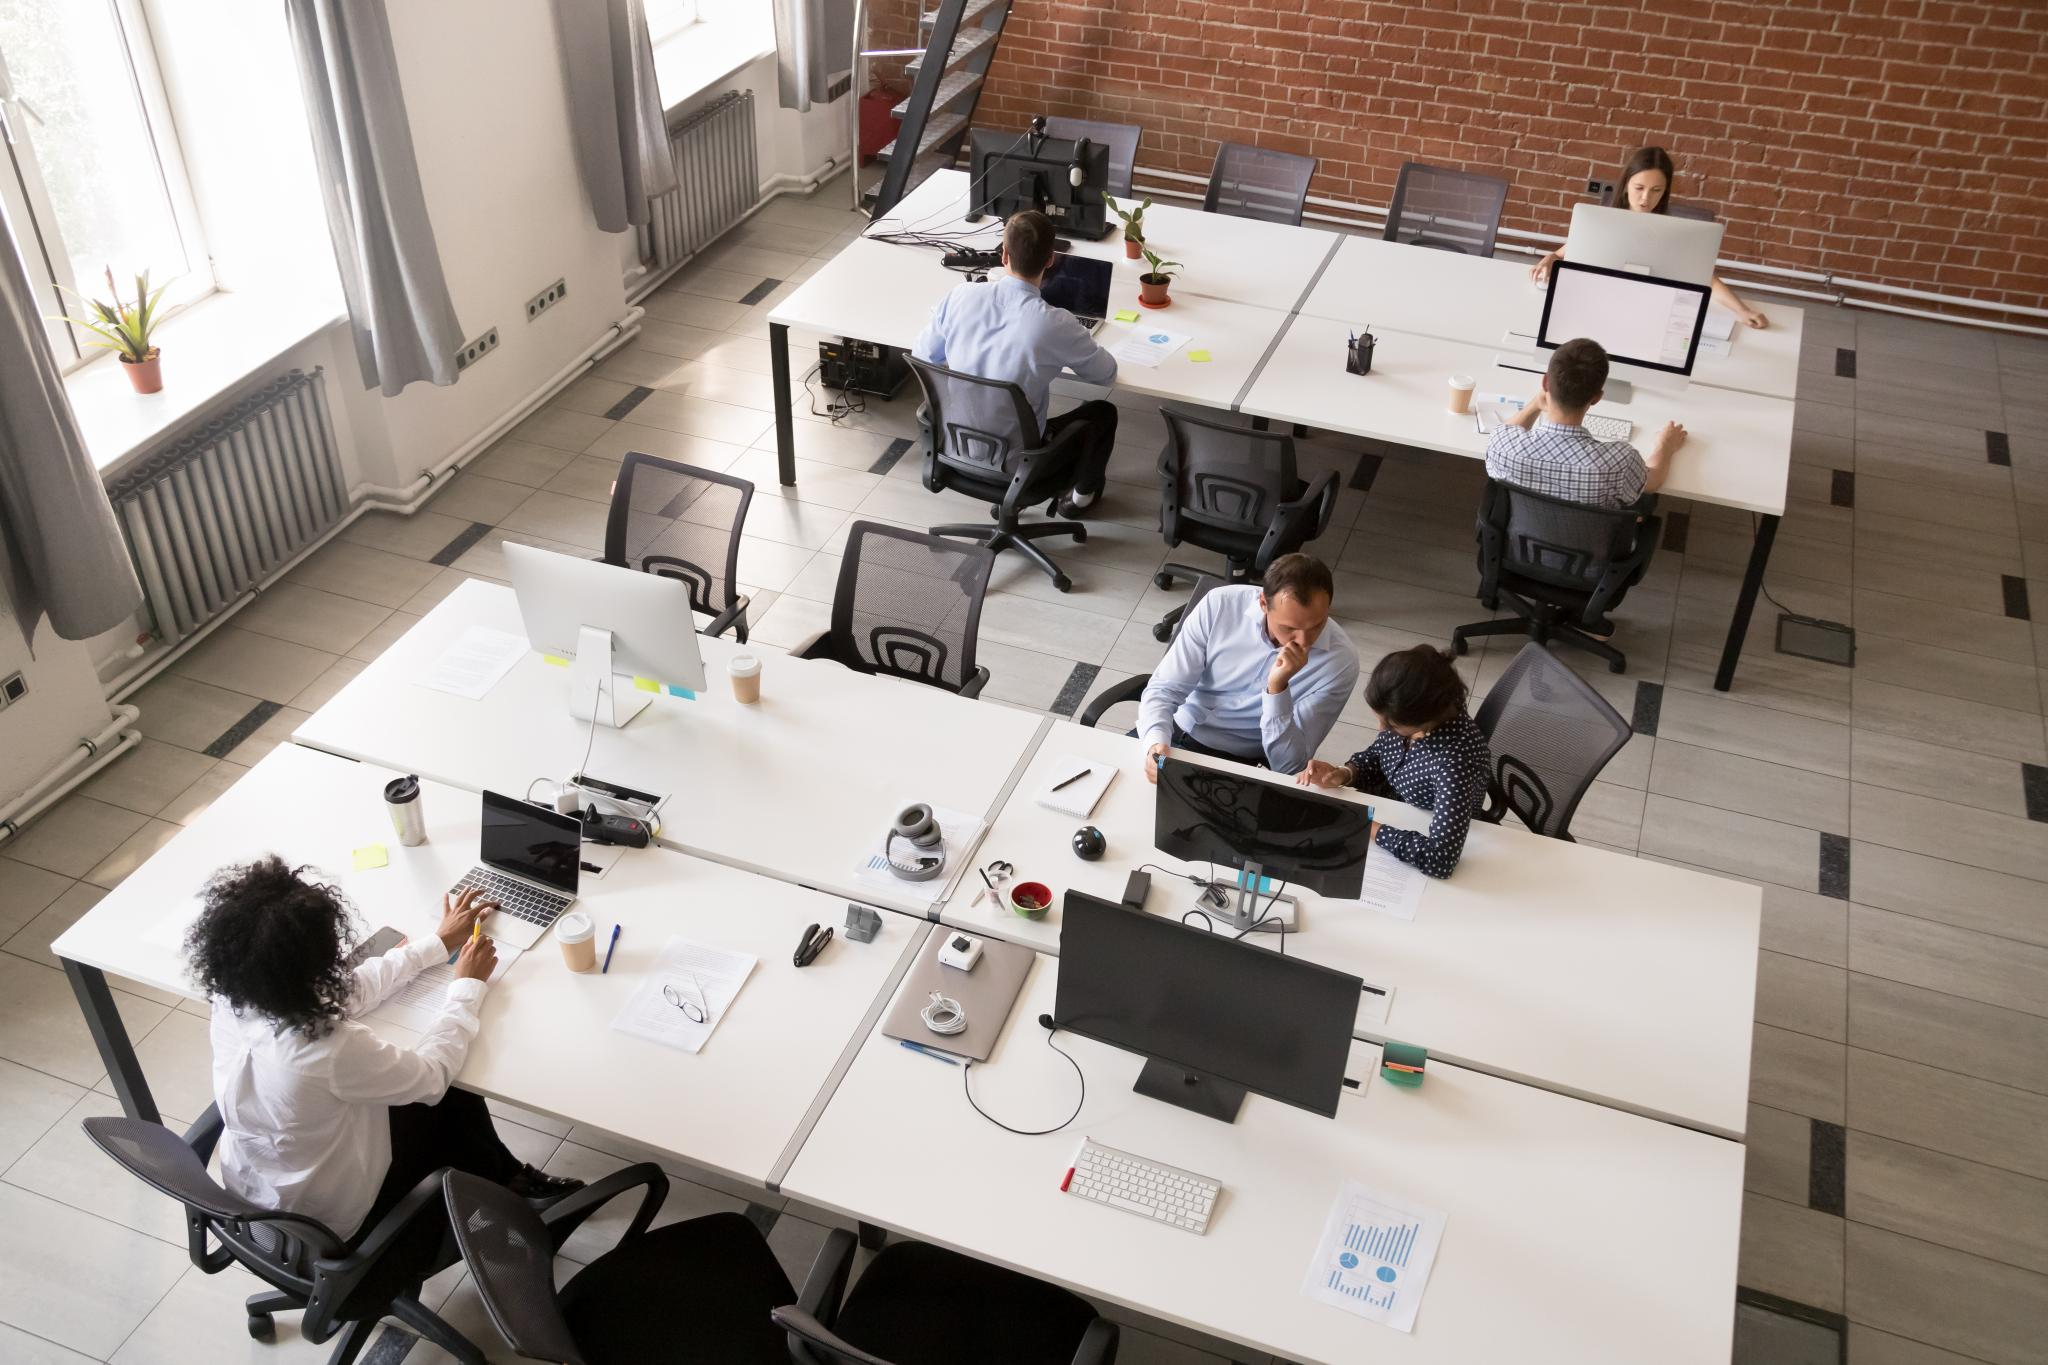 an image of a pod of desks